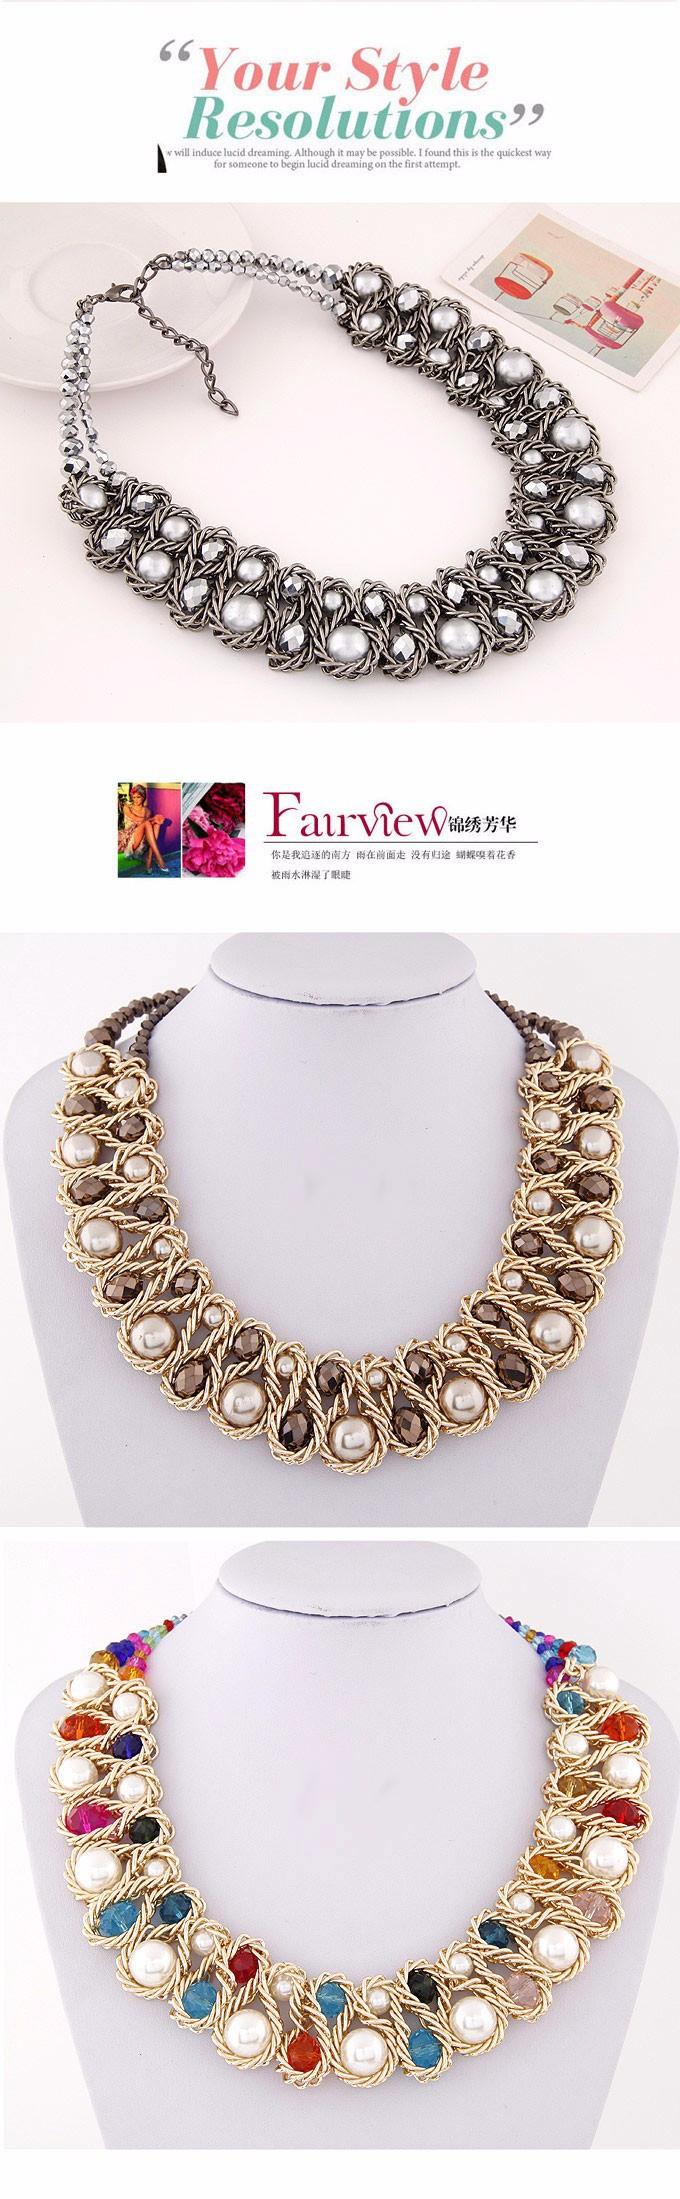 HTB1zt7sIpXXXXbZXXXXq6xXFXXXr - Statement necklace Fashion for Women 2017 Chunky Bead Gold Chain Double Crystal Big Pearl Choker Necklaces & Pendants Jewelry